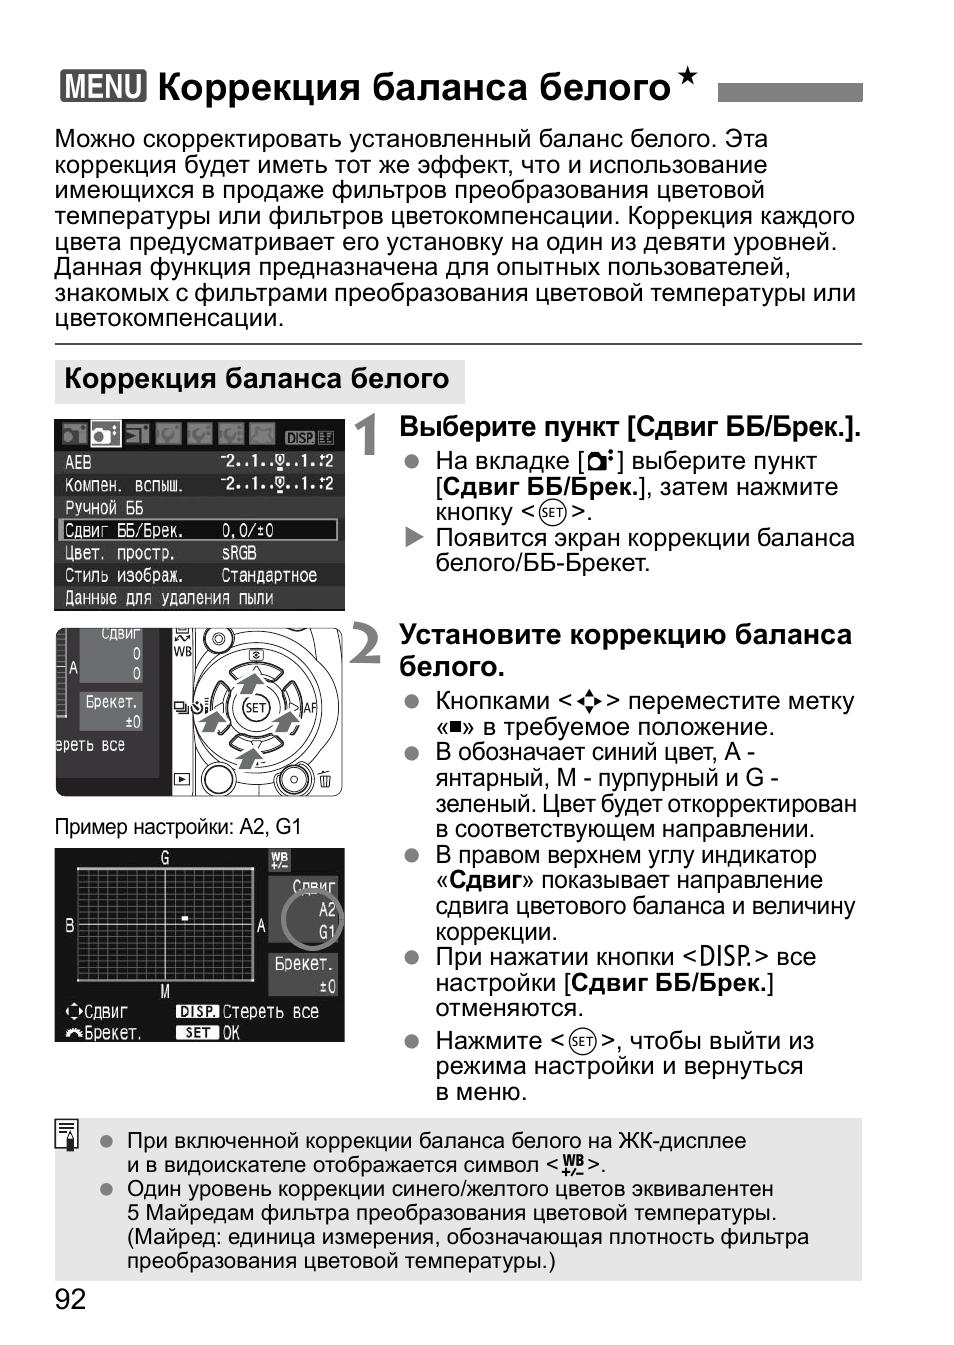 Инструкция по эксплуатации canon eos 450d